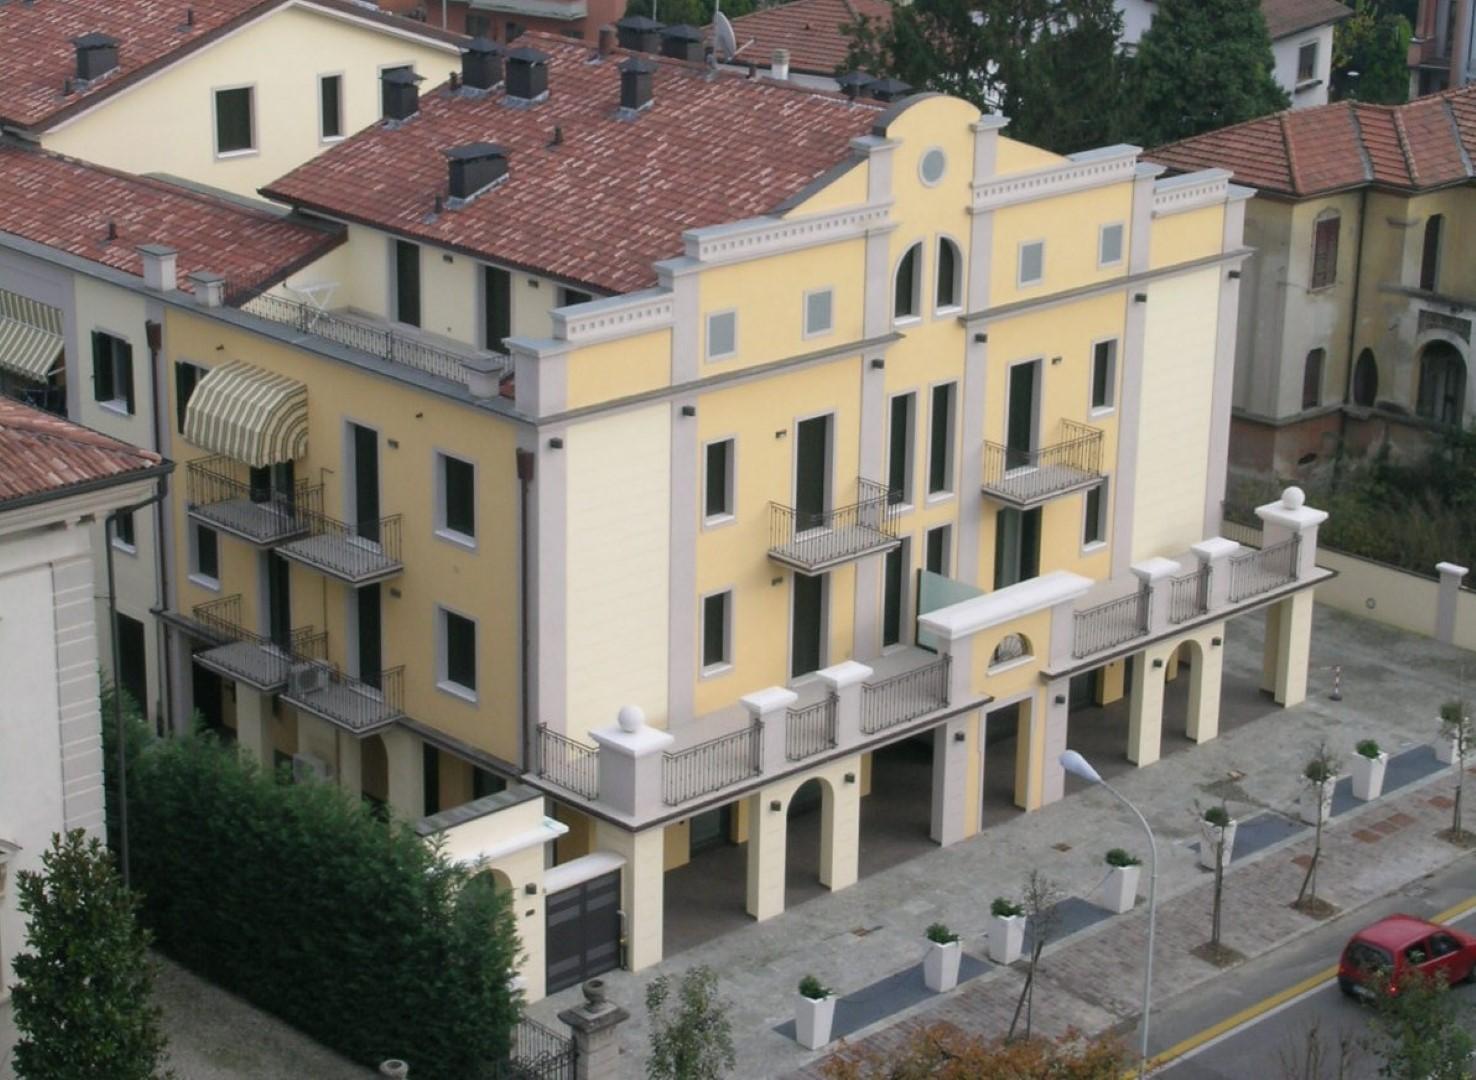 Condominio Astoria - Casalmaggiore (CR)